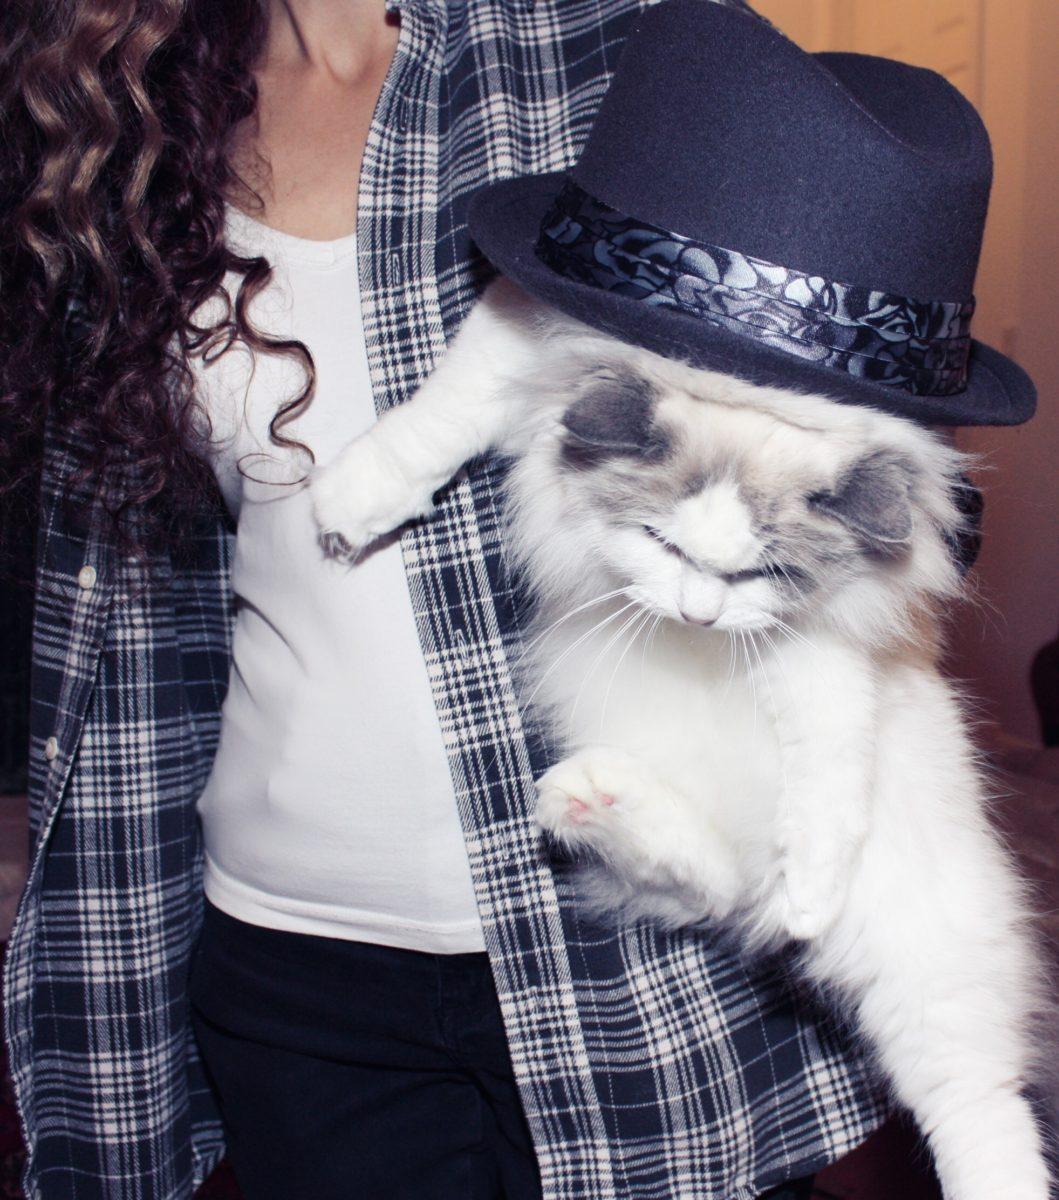 Ragdoll cat in hat